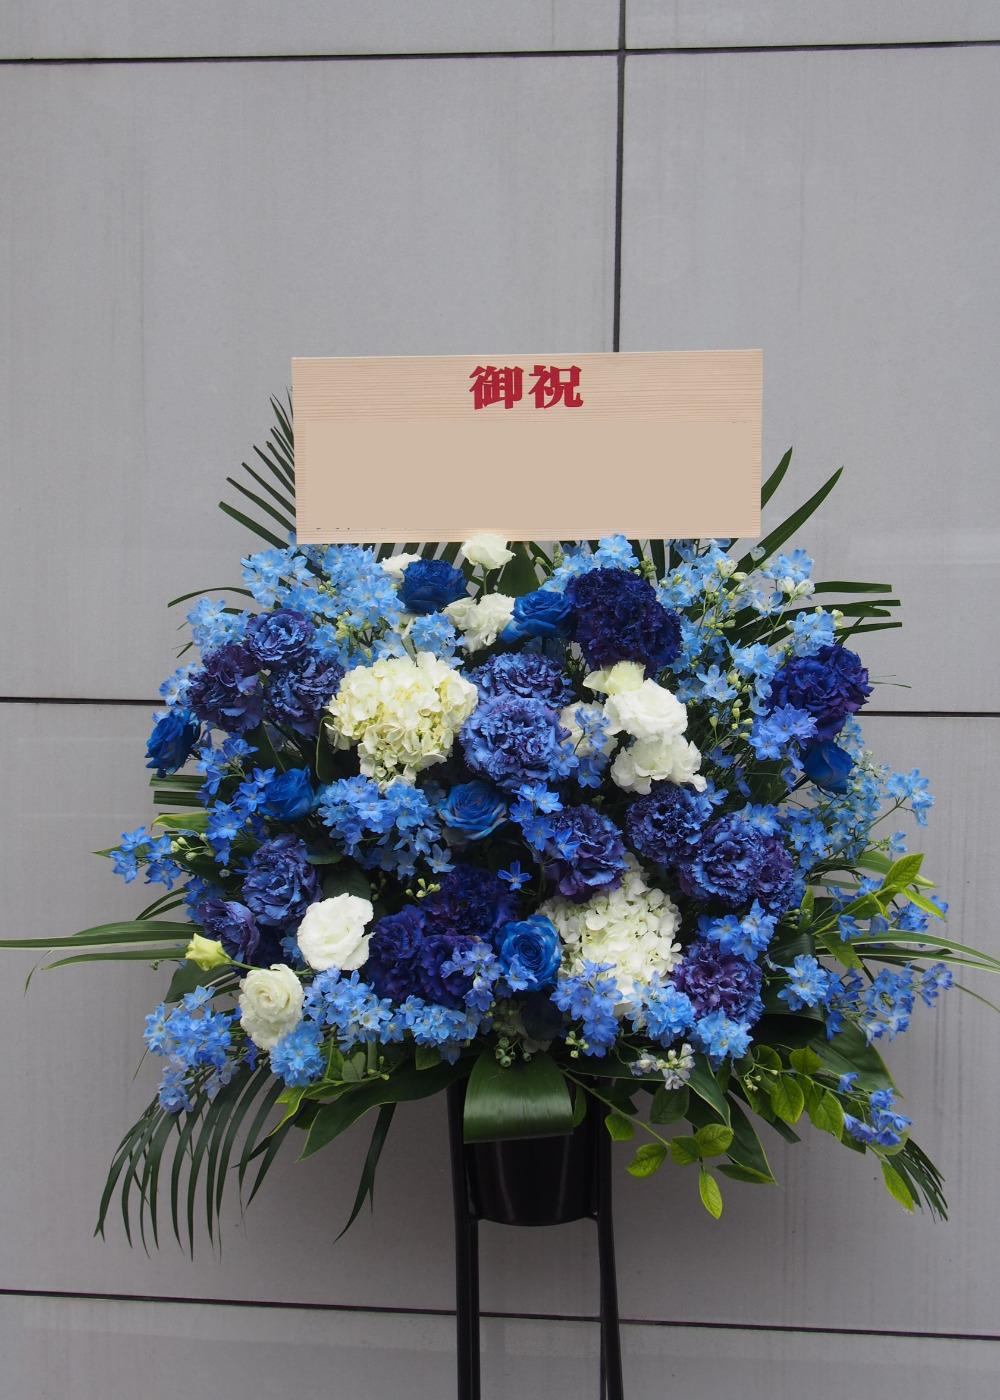 デルフィニウムが使われたお祝い花